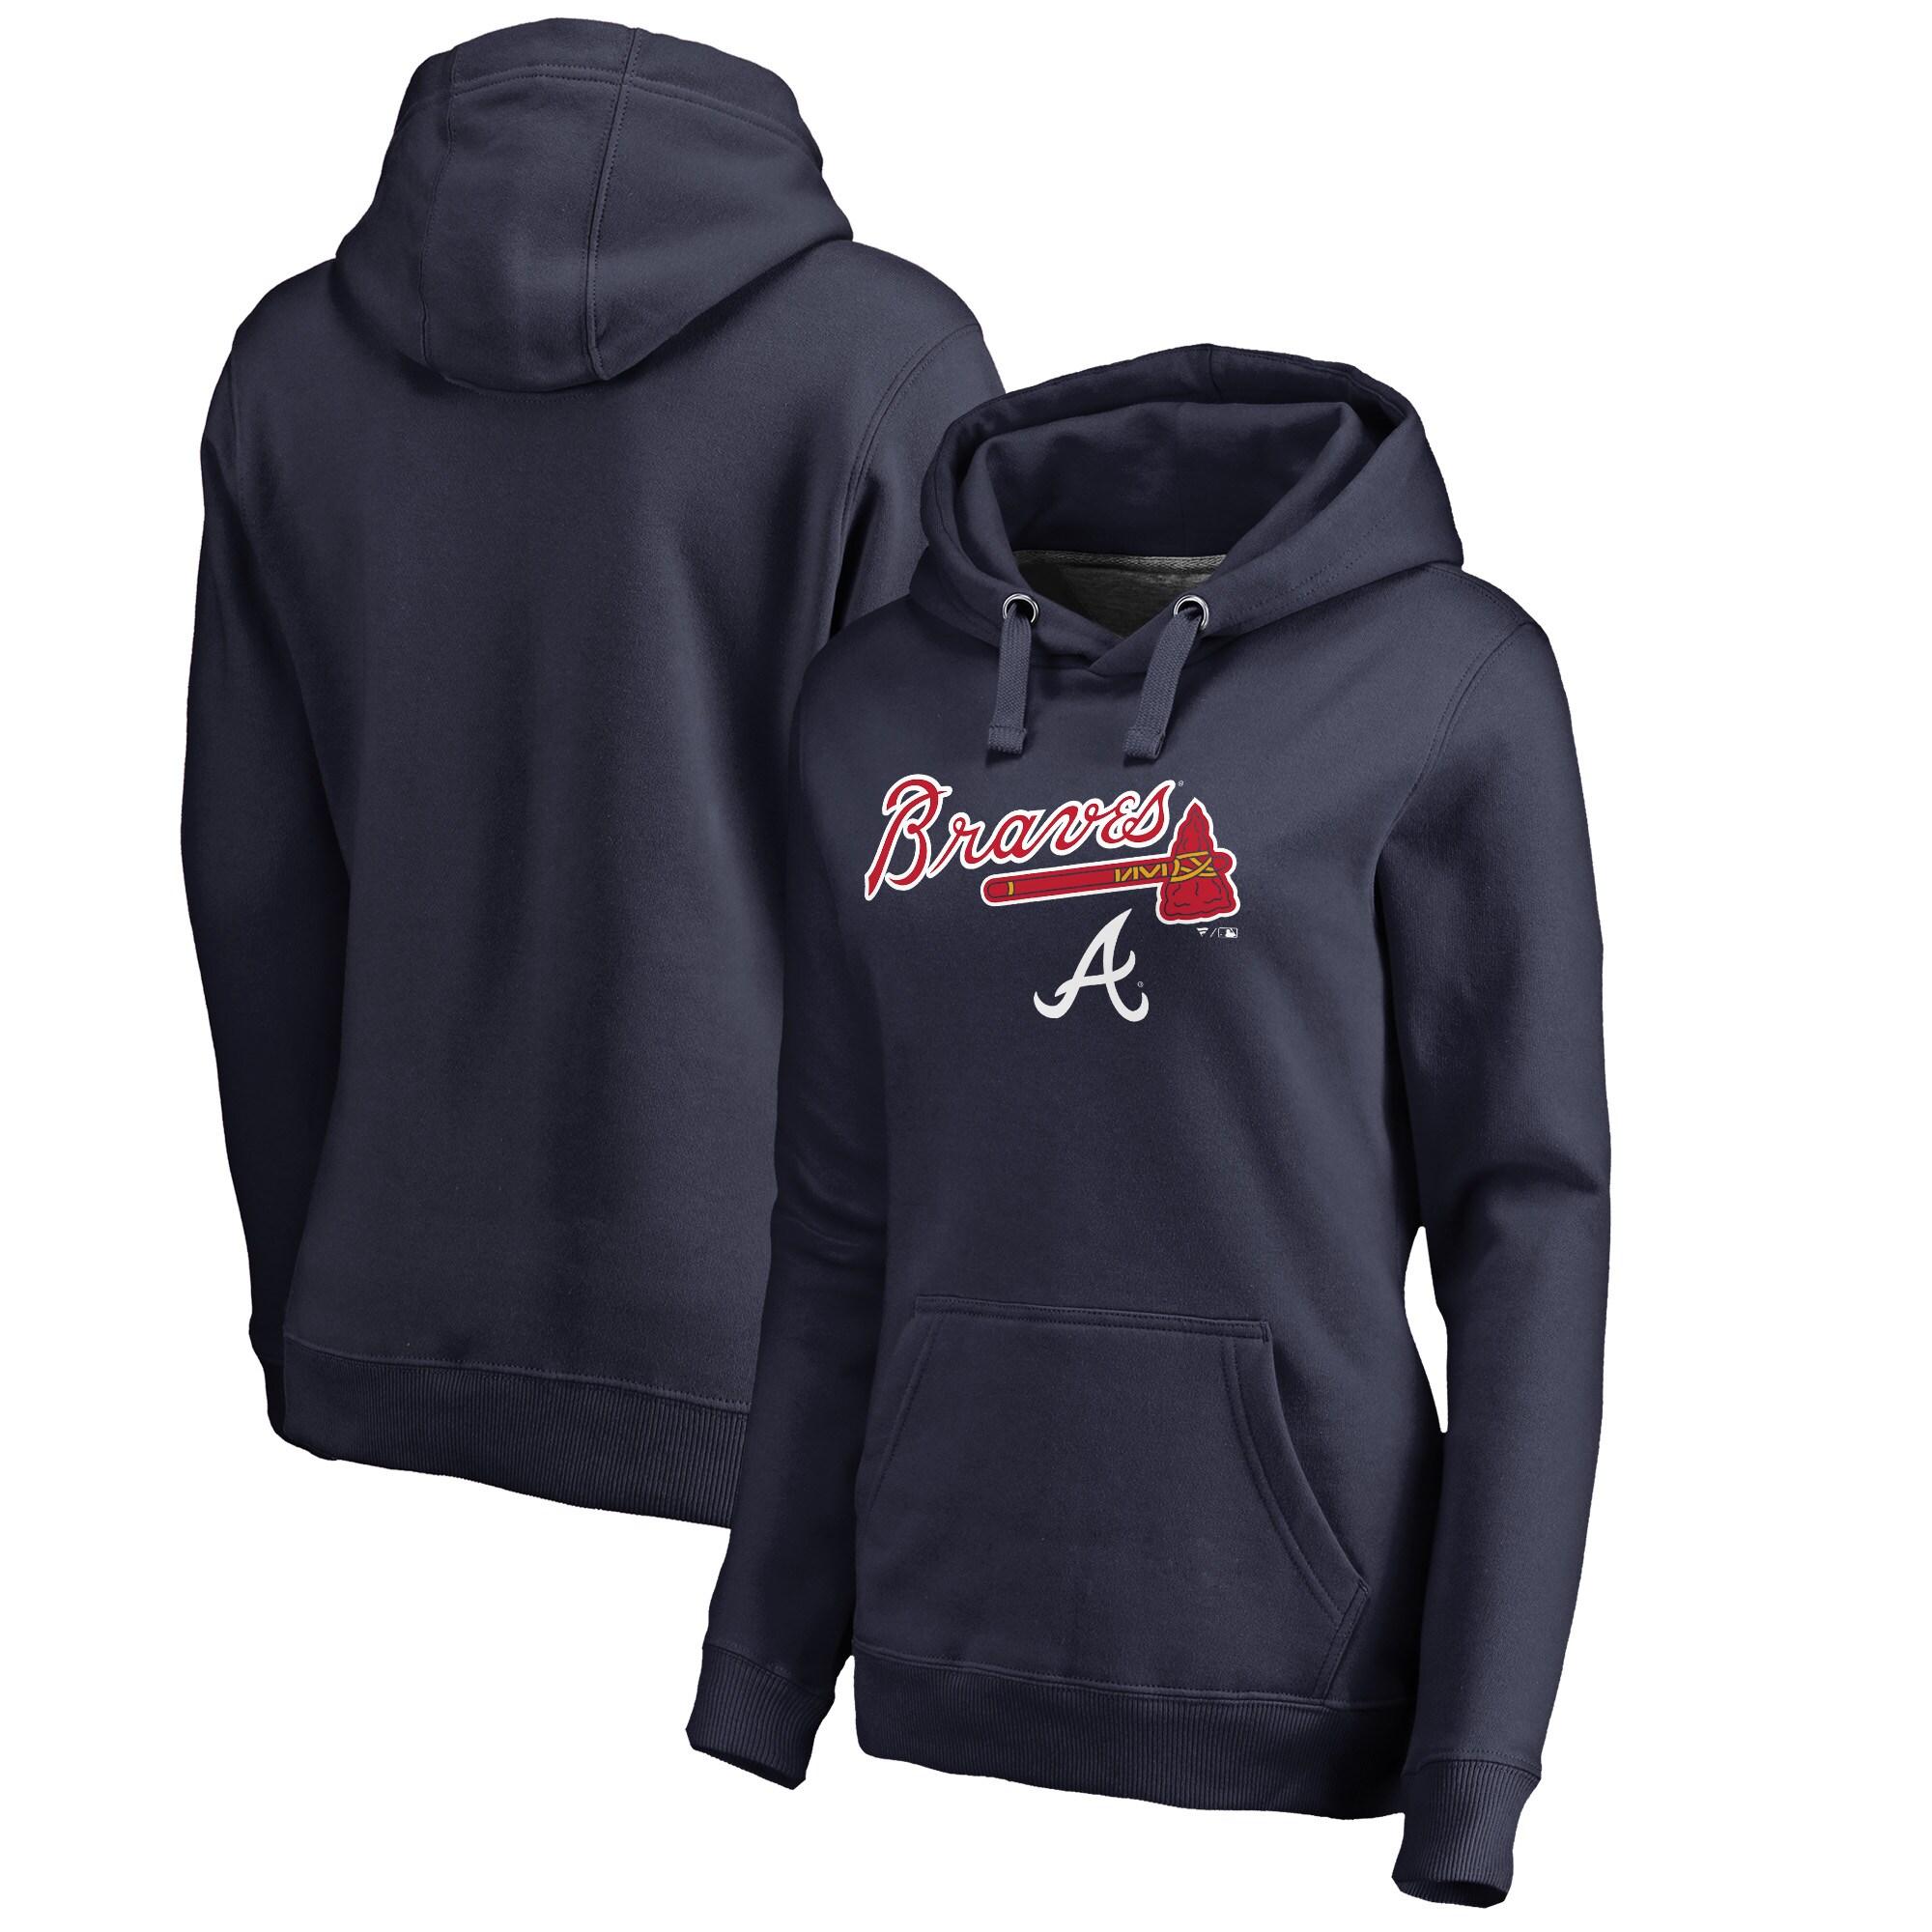 Atlanta Braves Fanatics Branded Women's Team Lockup Pullover Hoodie - Navy